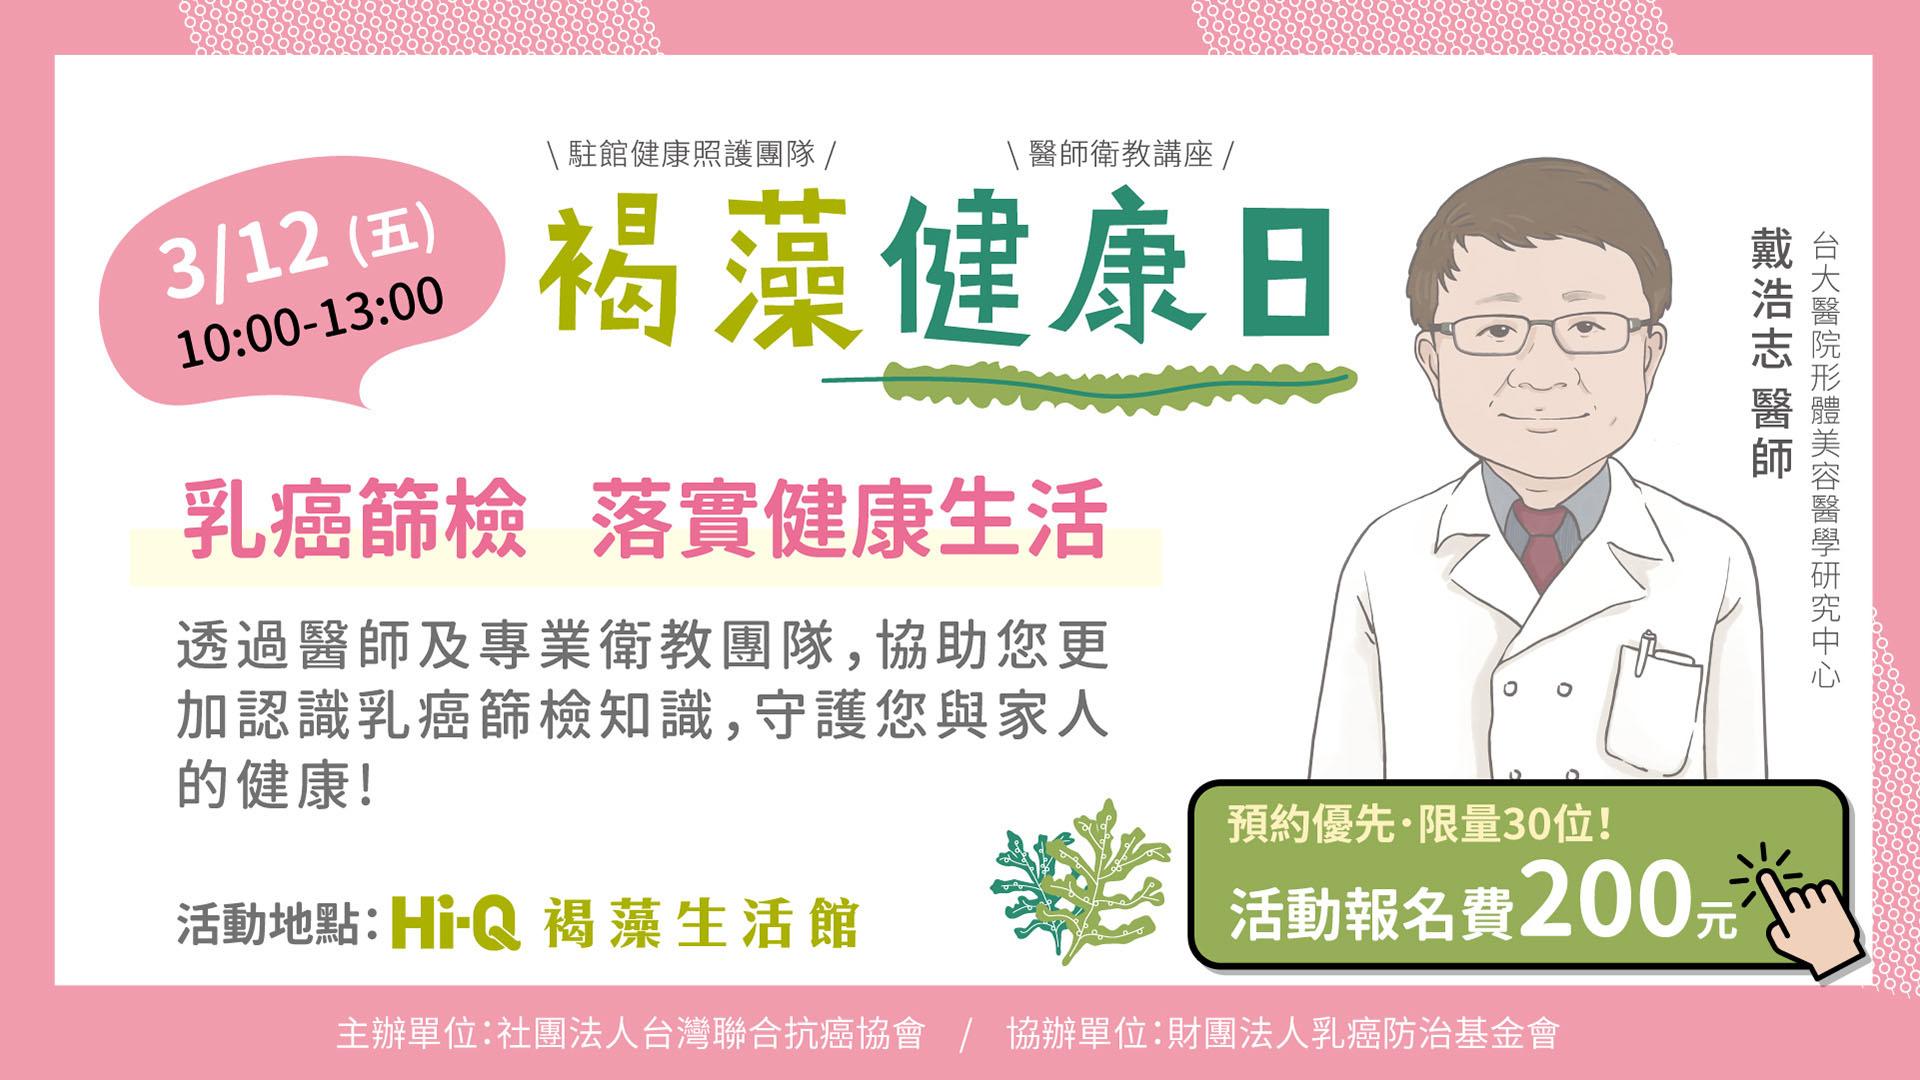 3月褐藻健康日